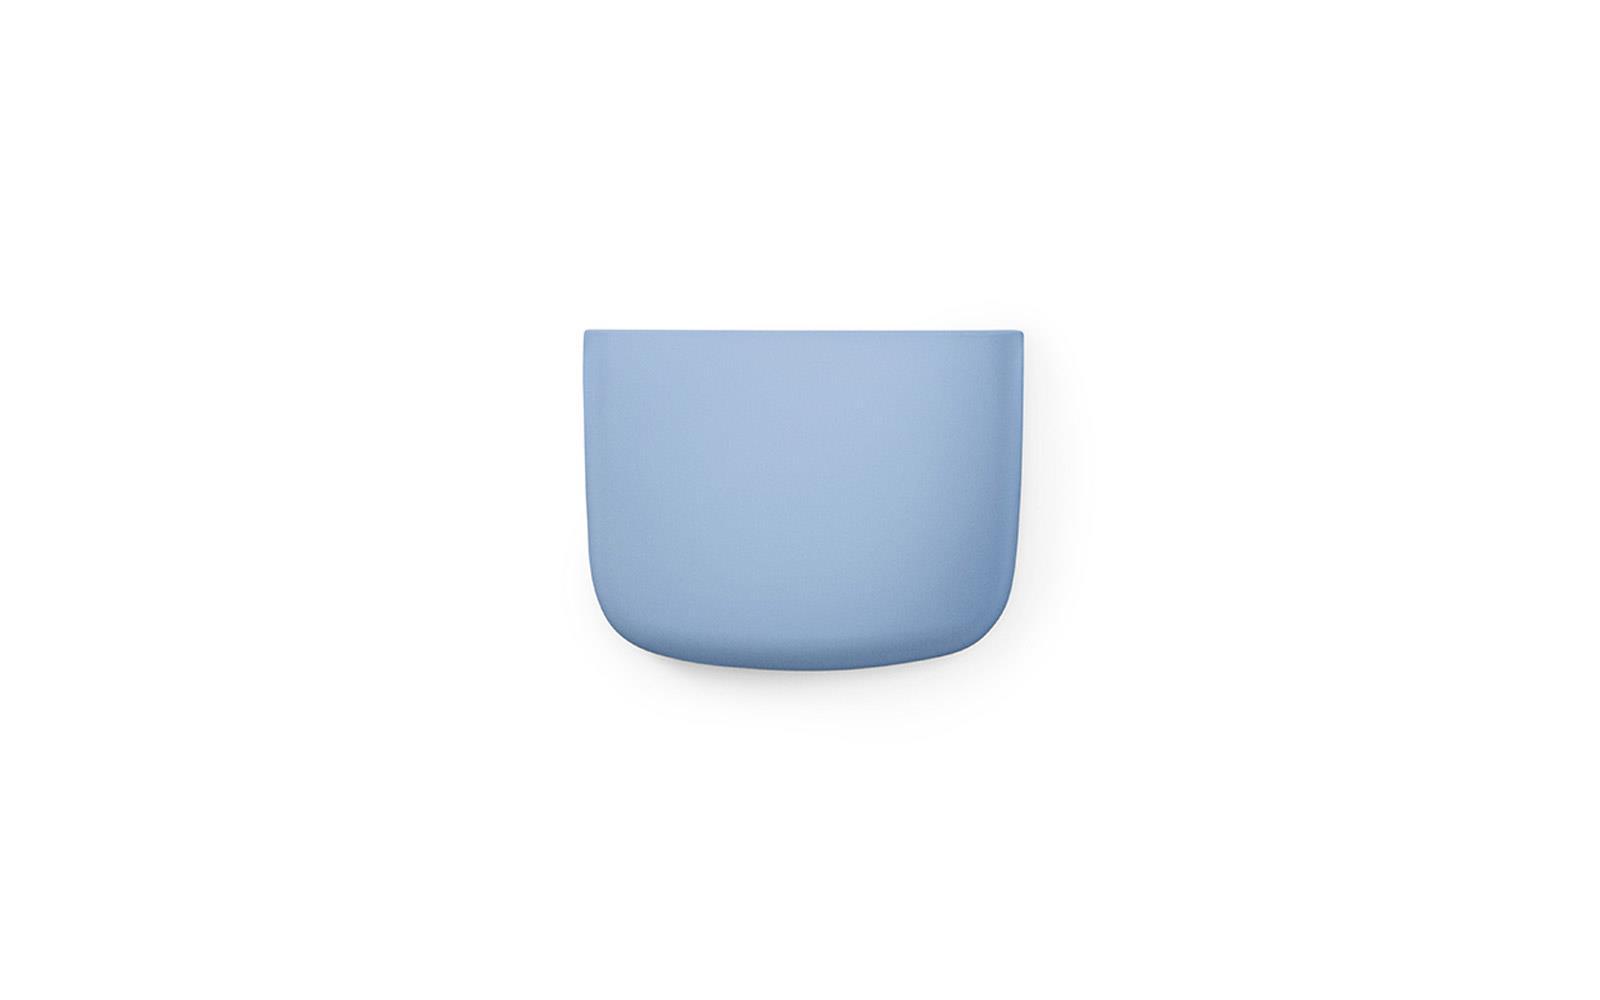 Pocket Vaegopbevaring Enkelt Design Til Ekstra Opbevaring